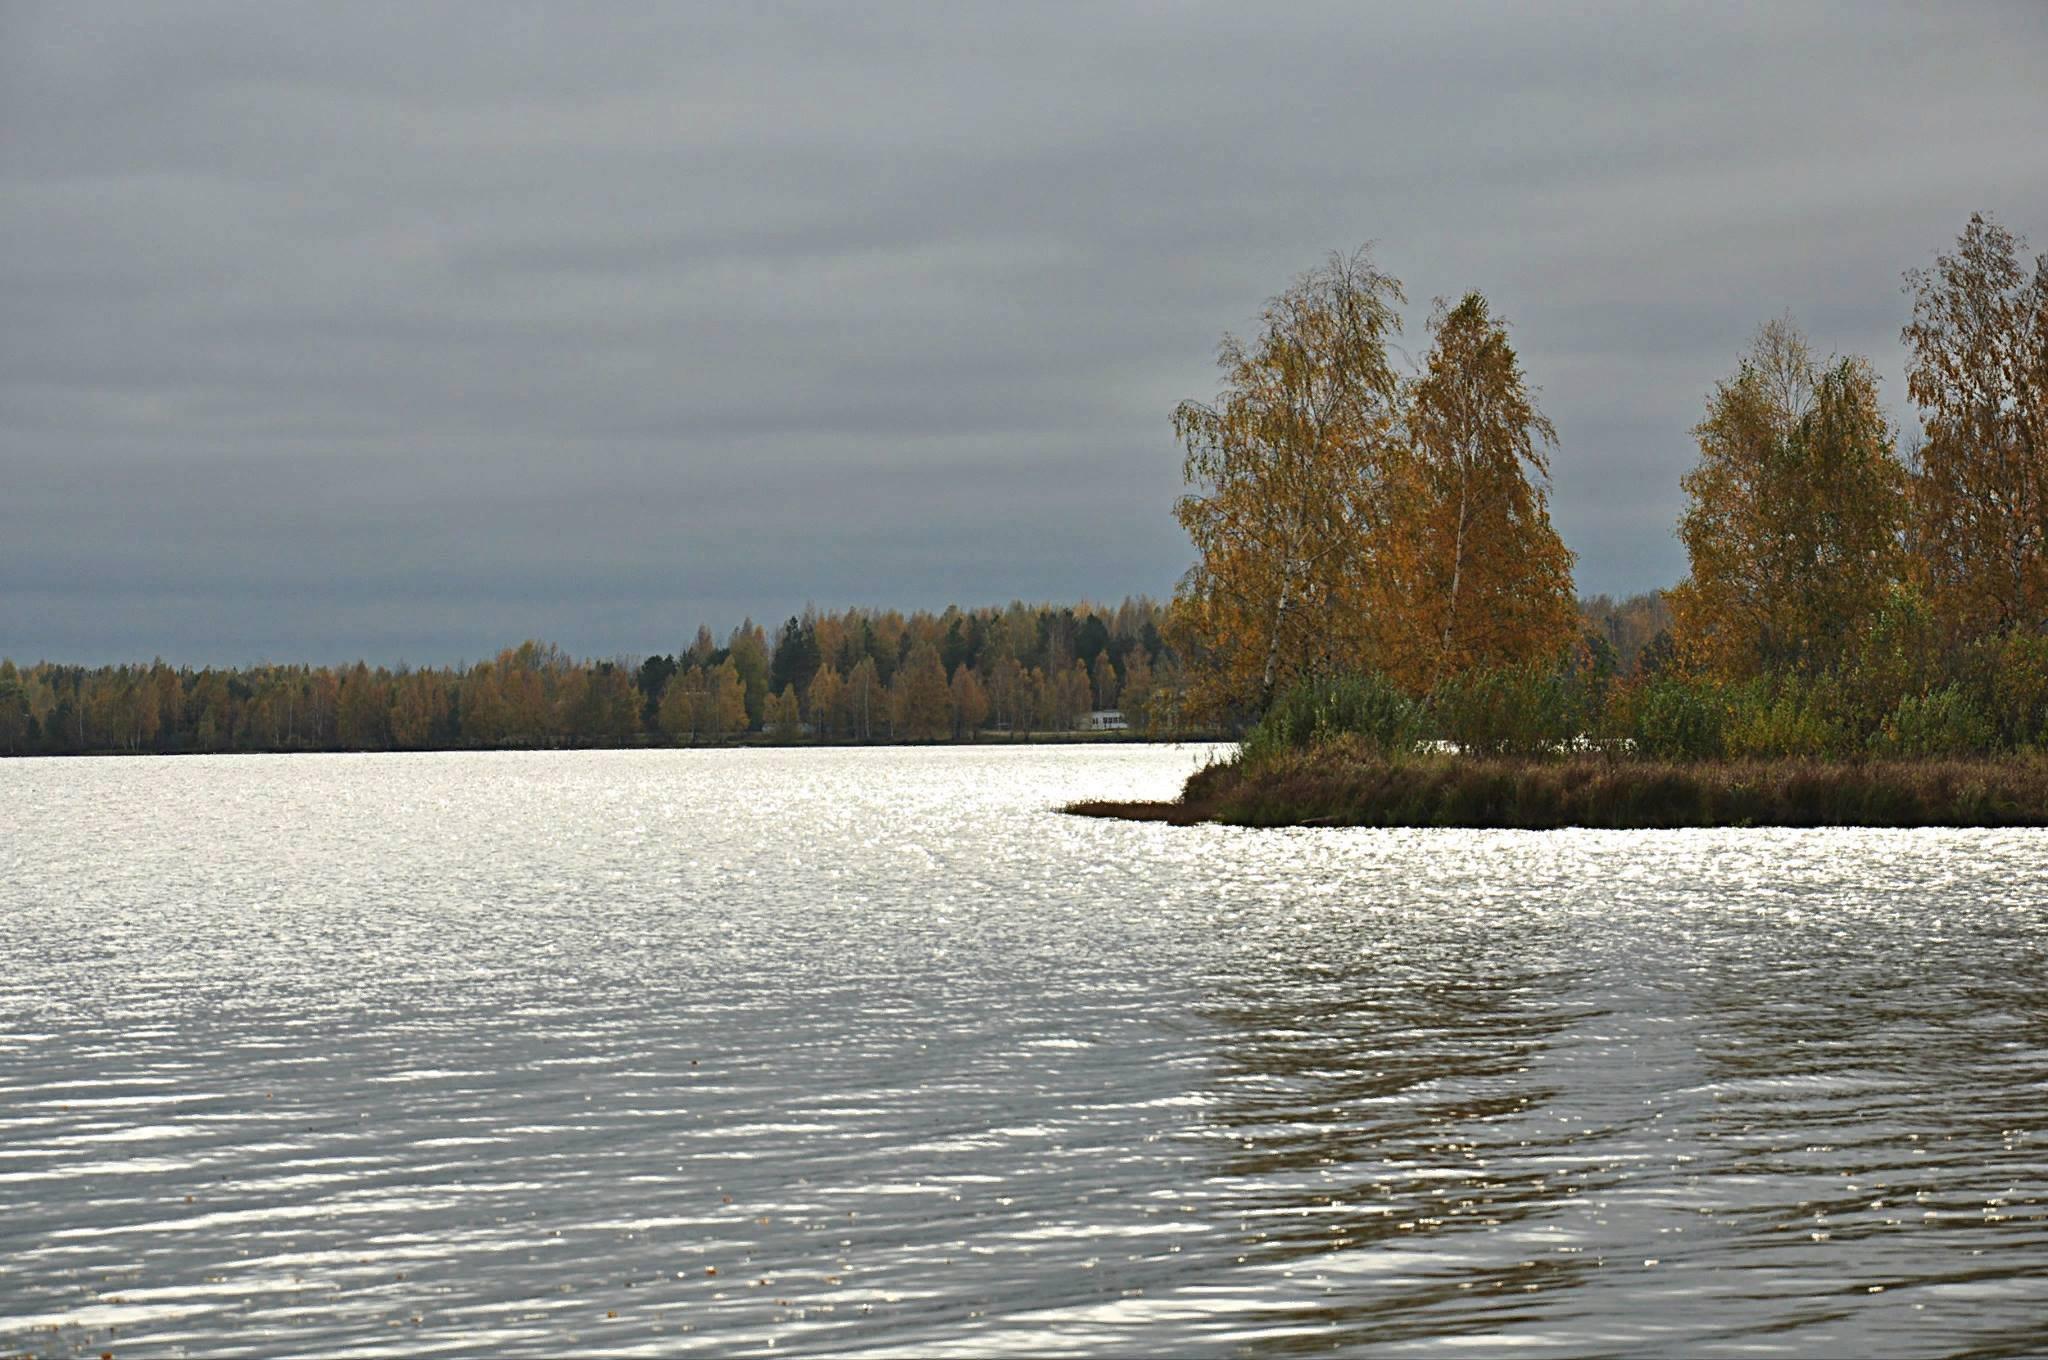 Кратовское озеро — рыбалка, фото и видео, как добраться, отдых 2020, отели рядом на туристер.ру